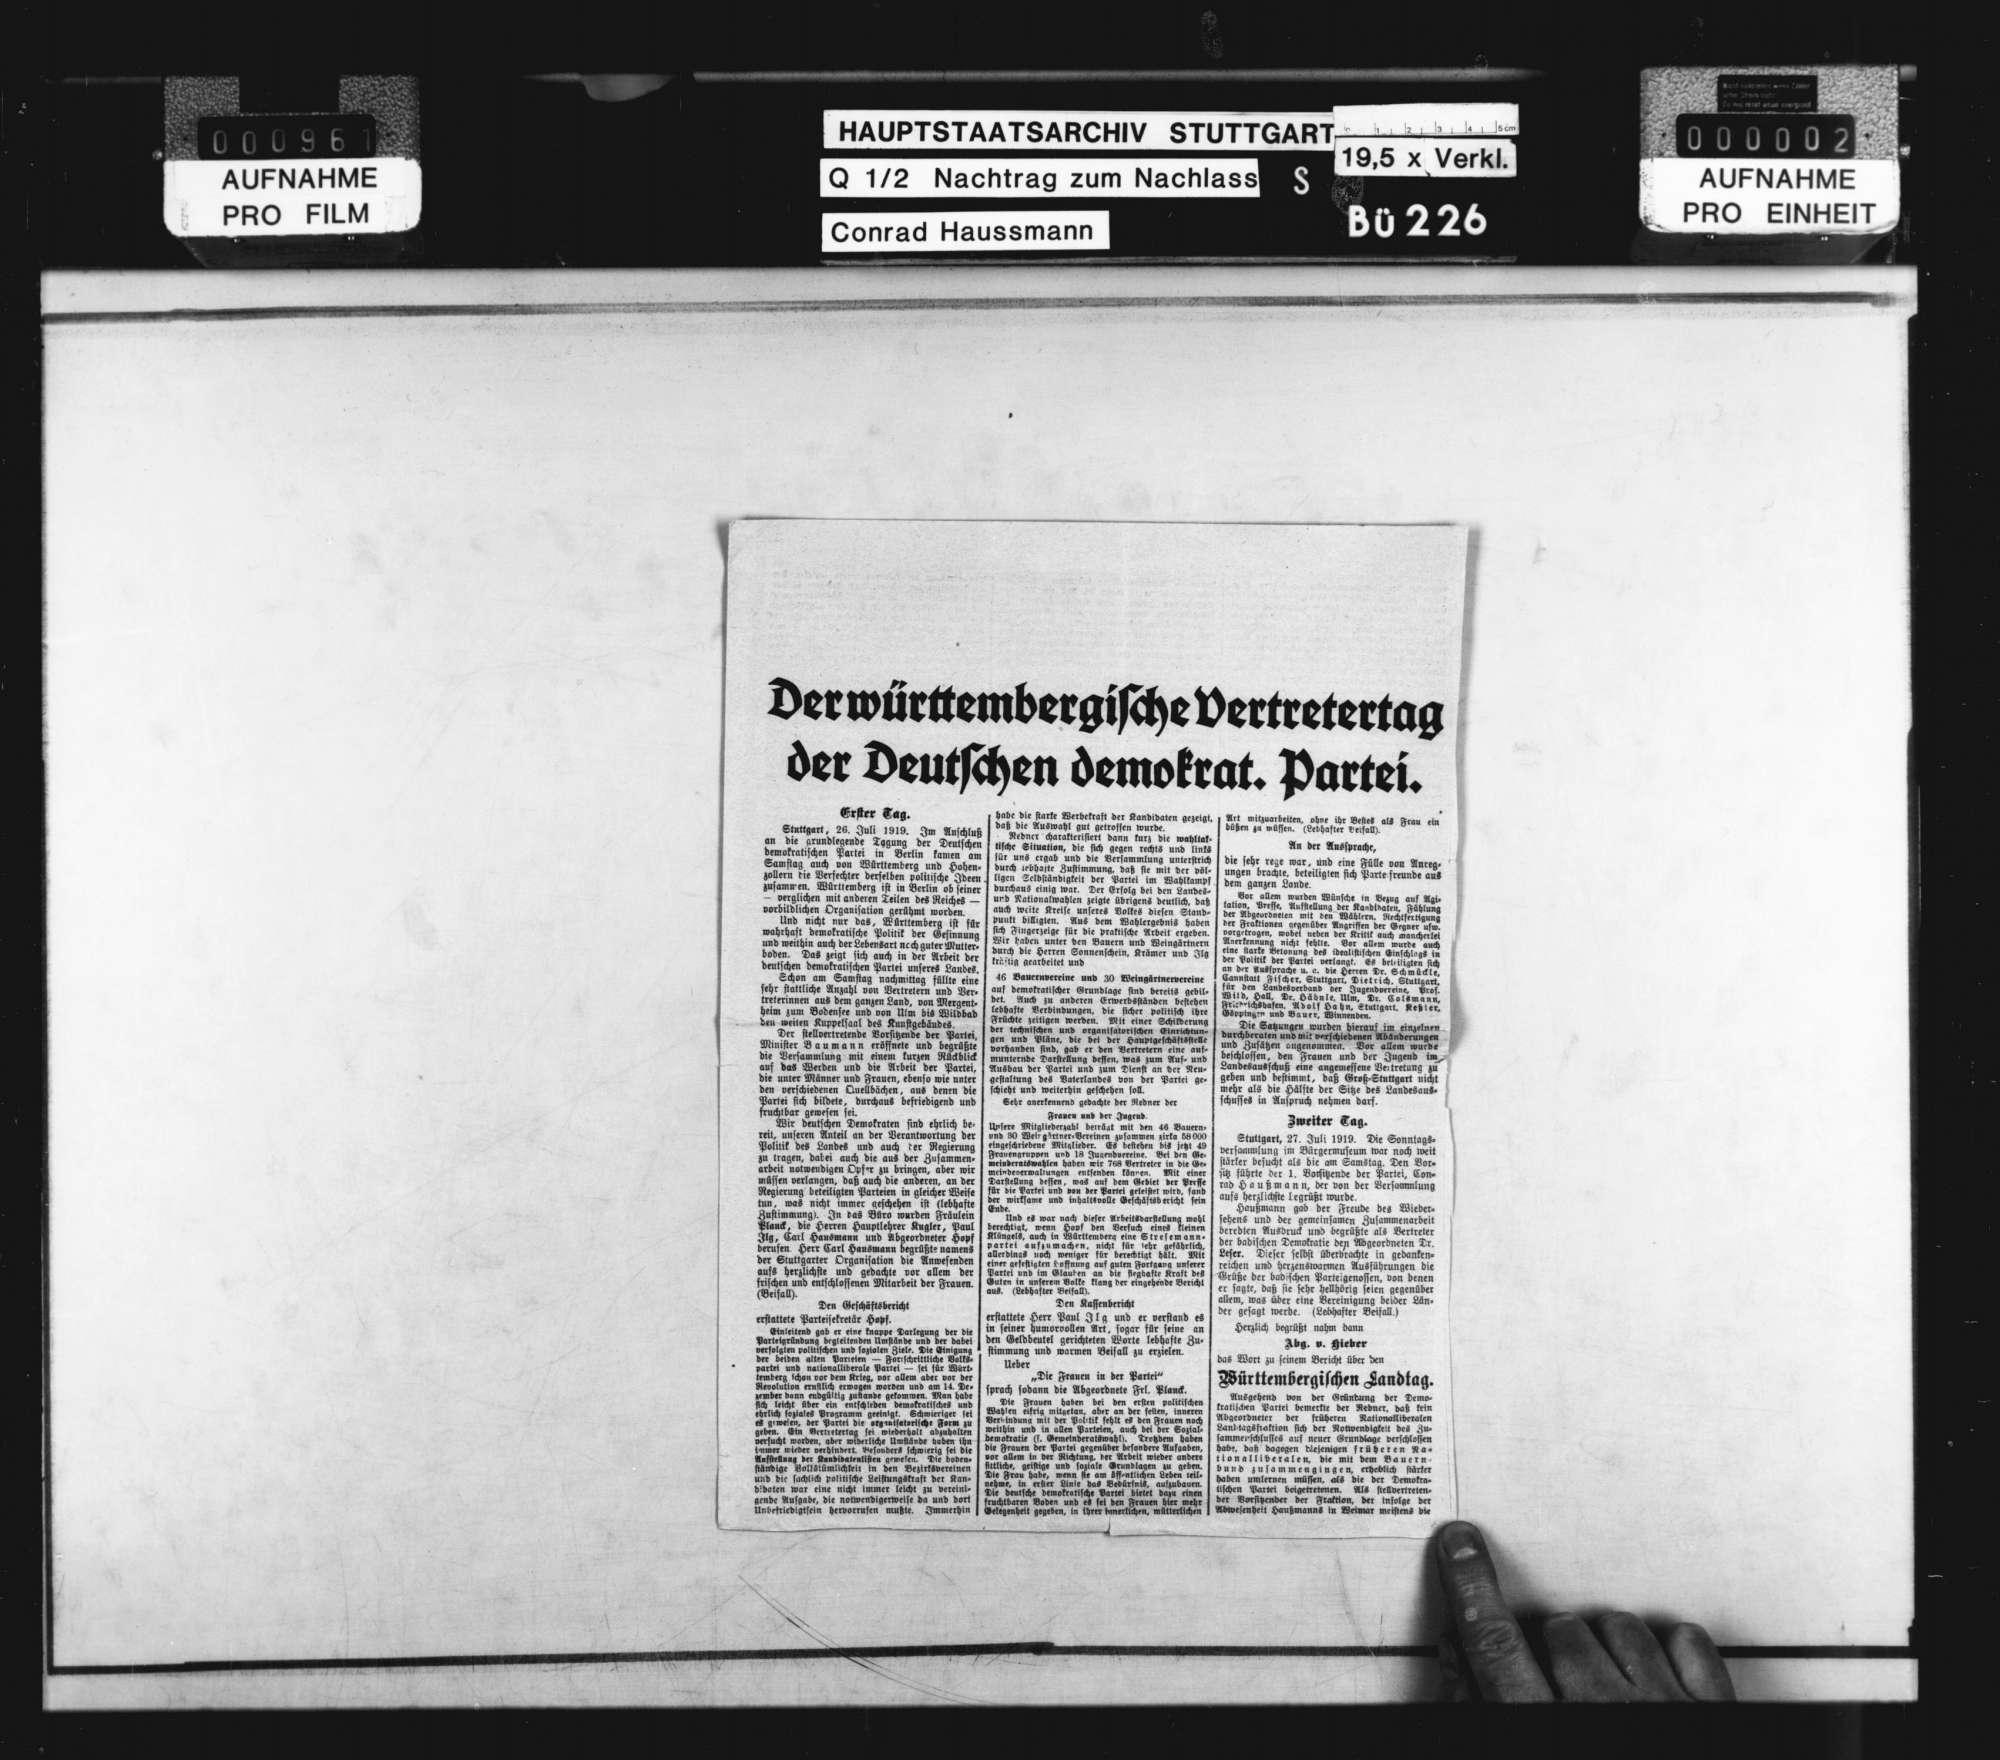 Deutsche Demokratische Partei: Partei- und Vertretertage (hauptsächlich Zeitungsausschnitte), Bild 1